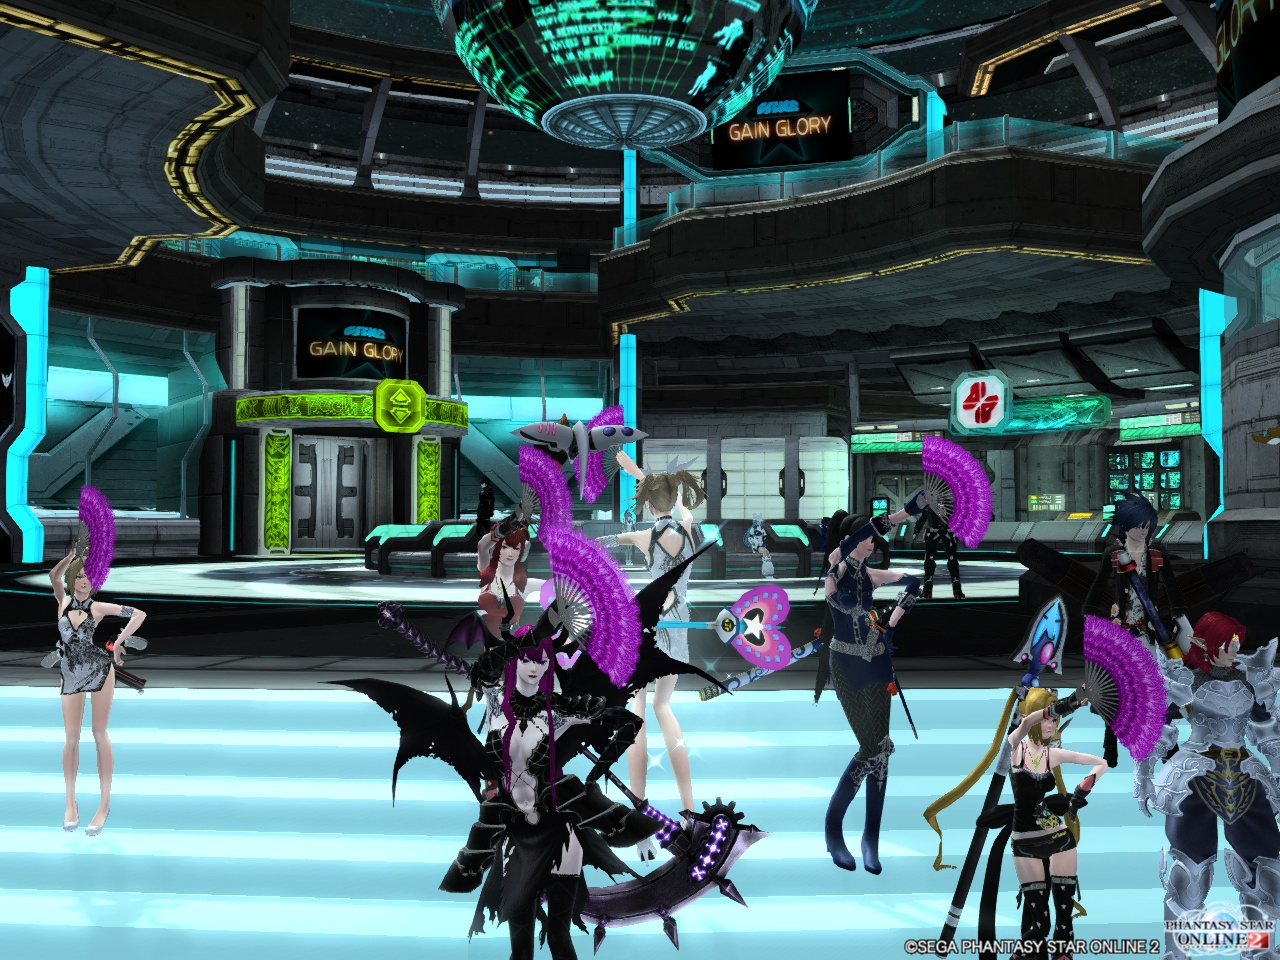 喜びをダンスで表現するチームメンバー